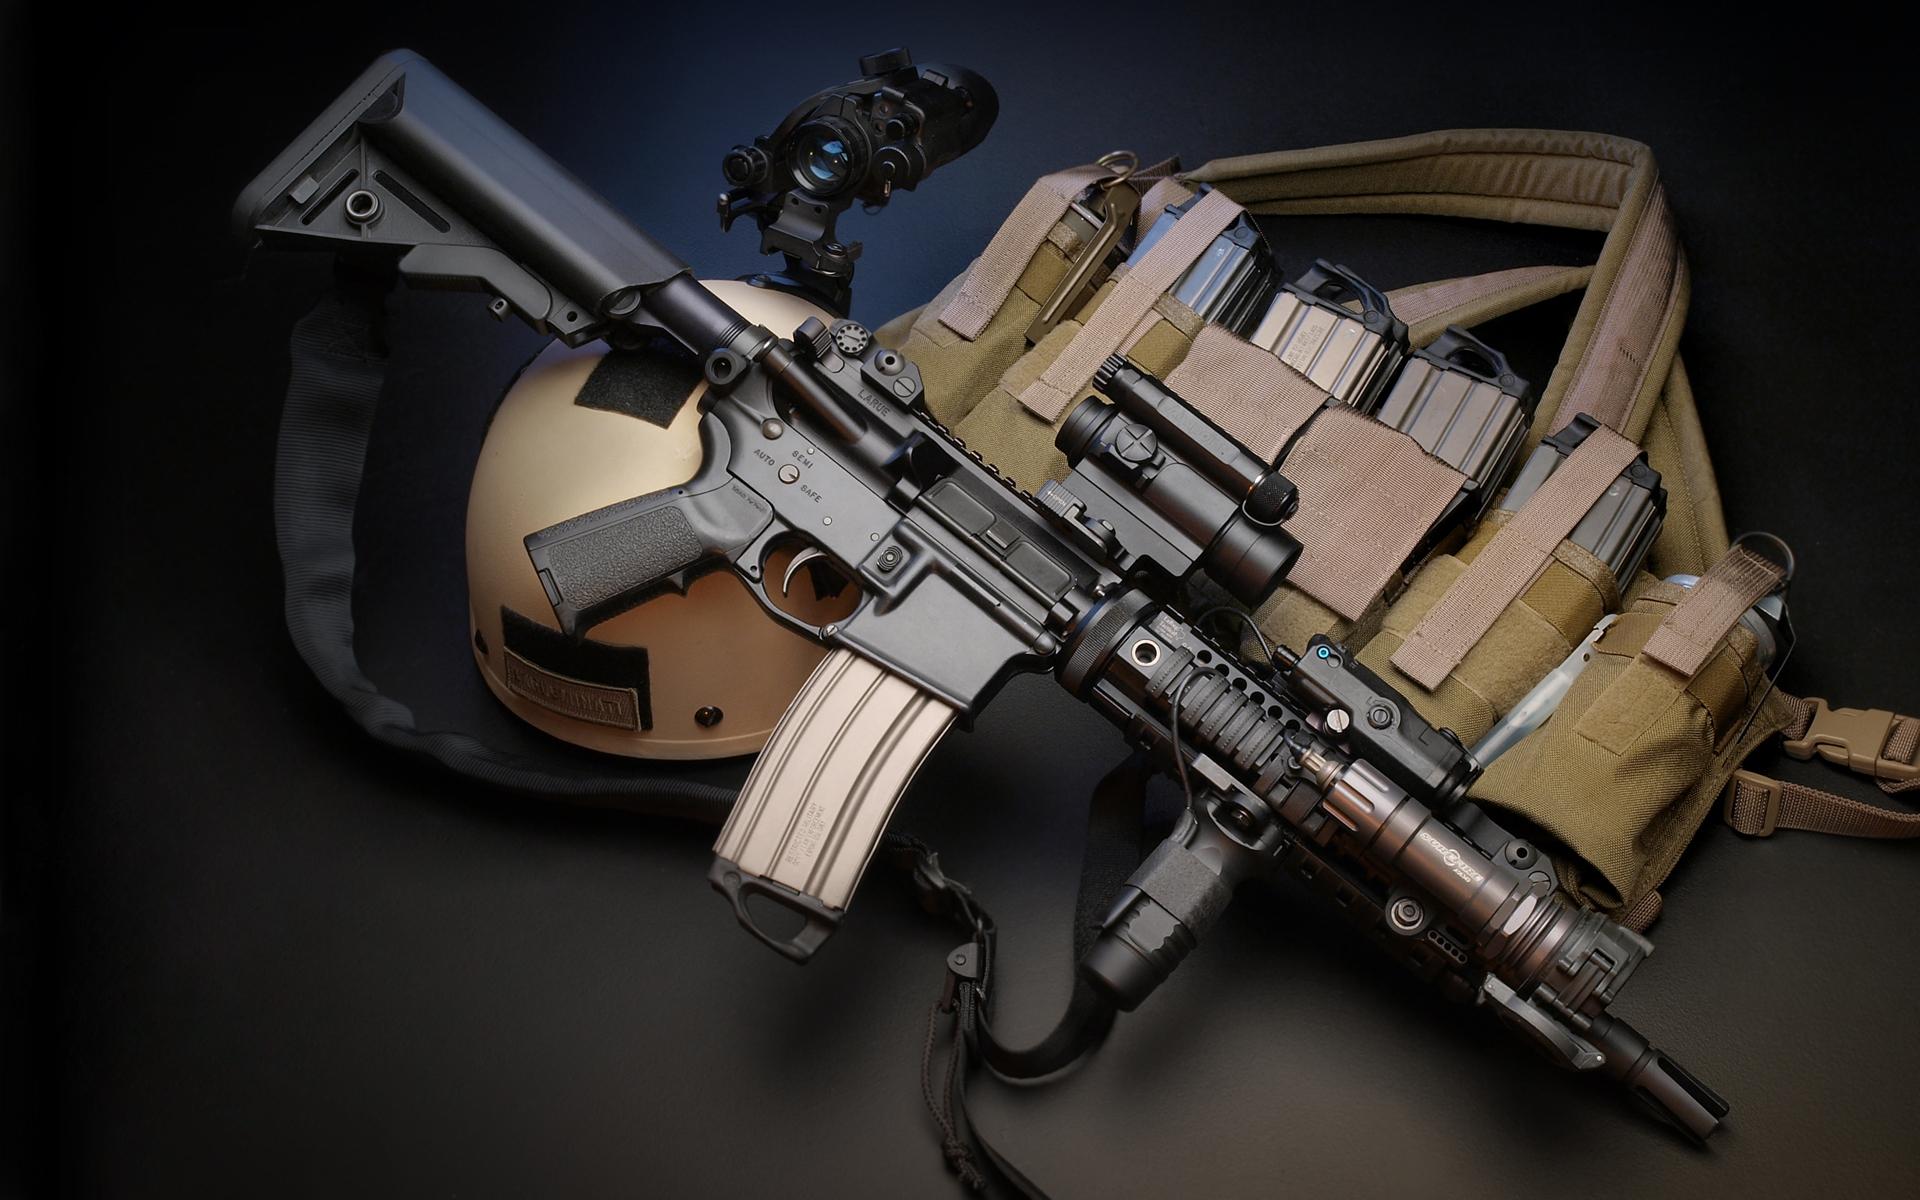 LaRue Assault Rifle Backgrounds, Compatible - PC, Mobile, Gadgets  1920x1200 px